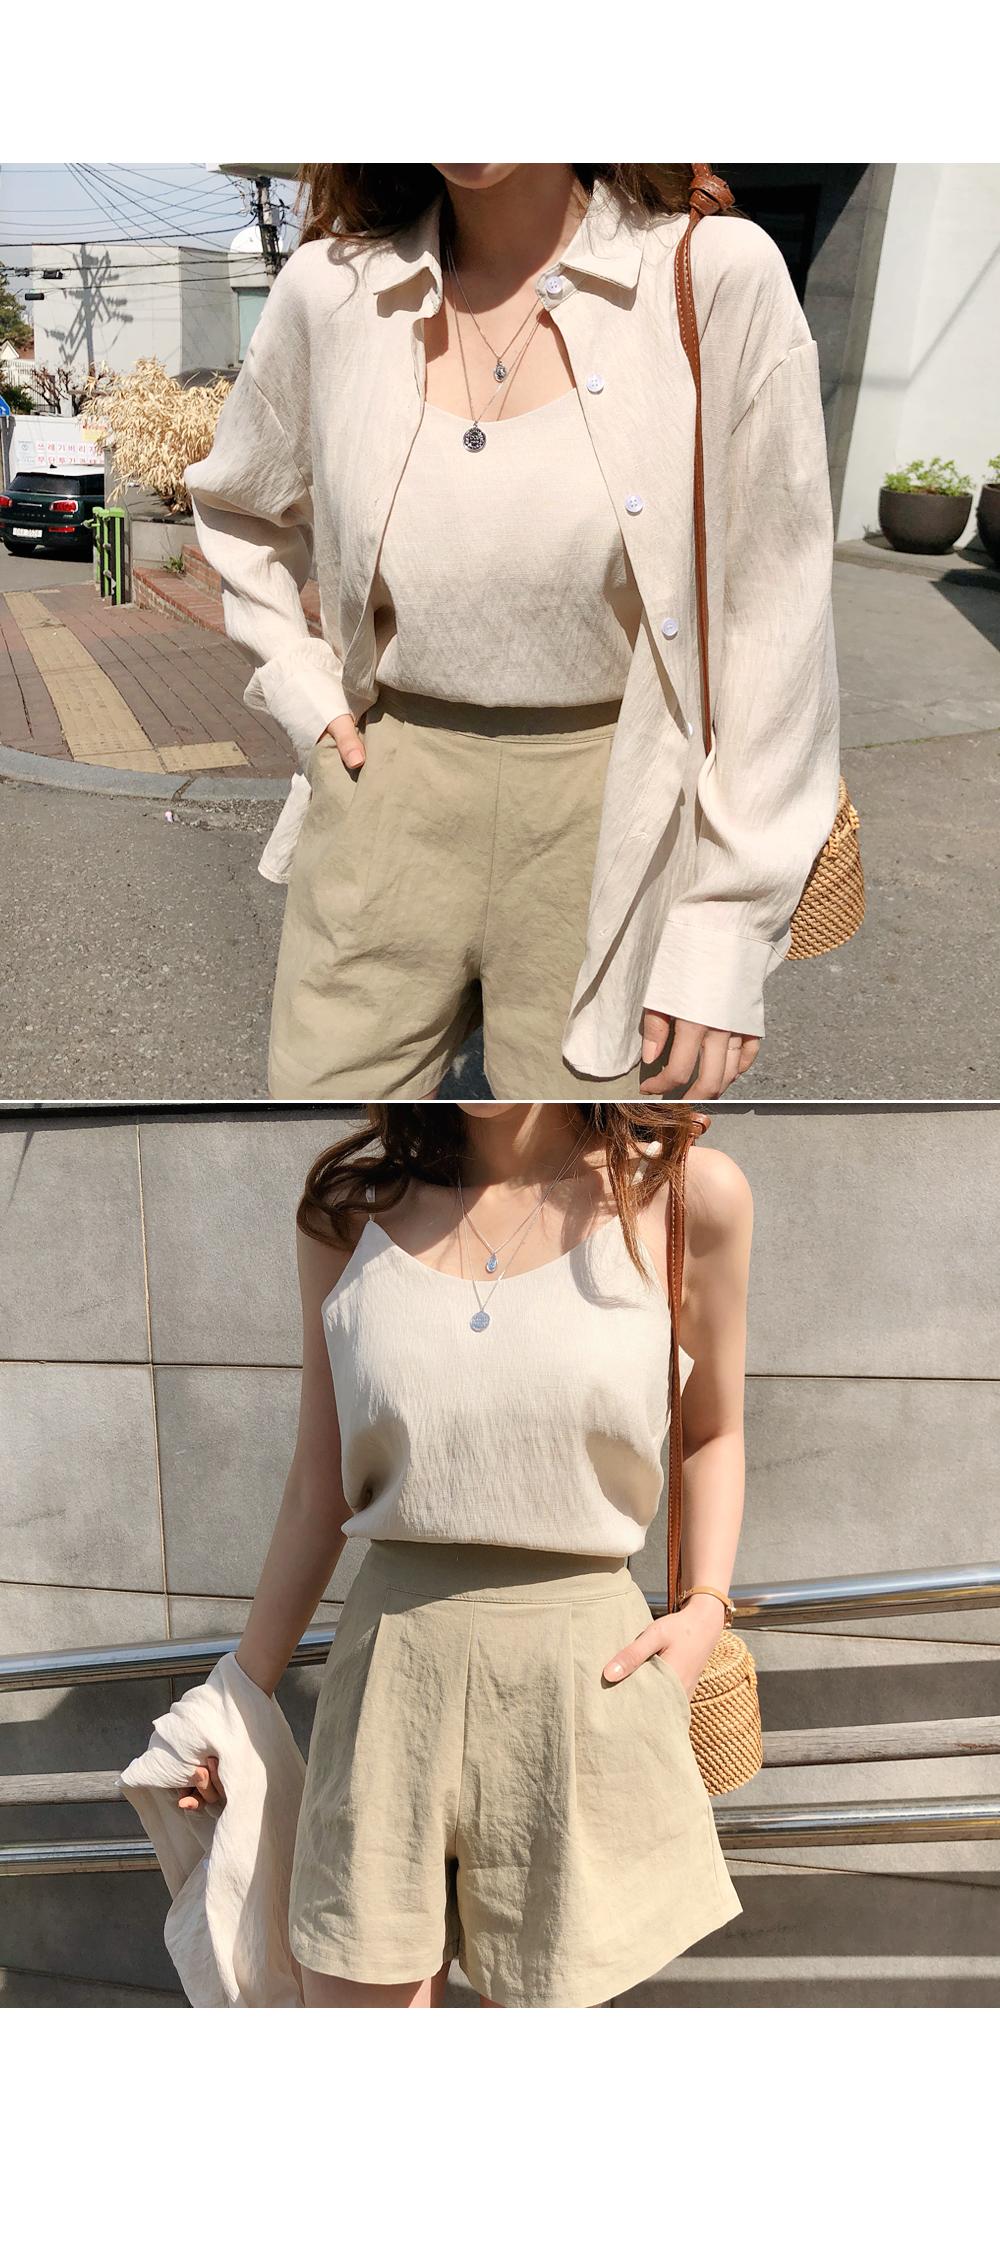 Modern Times Shirt + Sleeveless SET